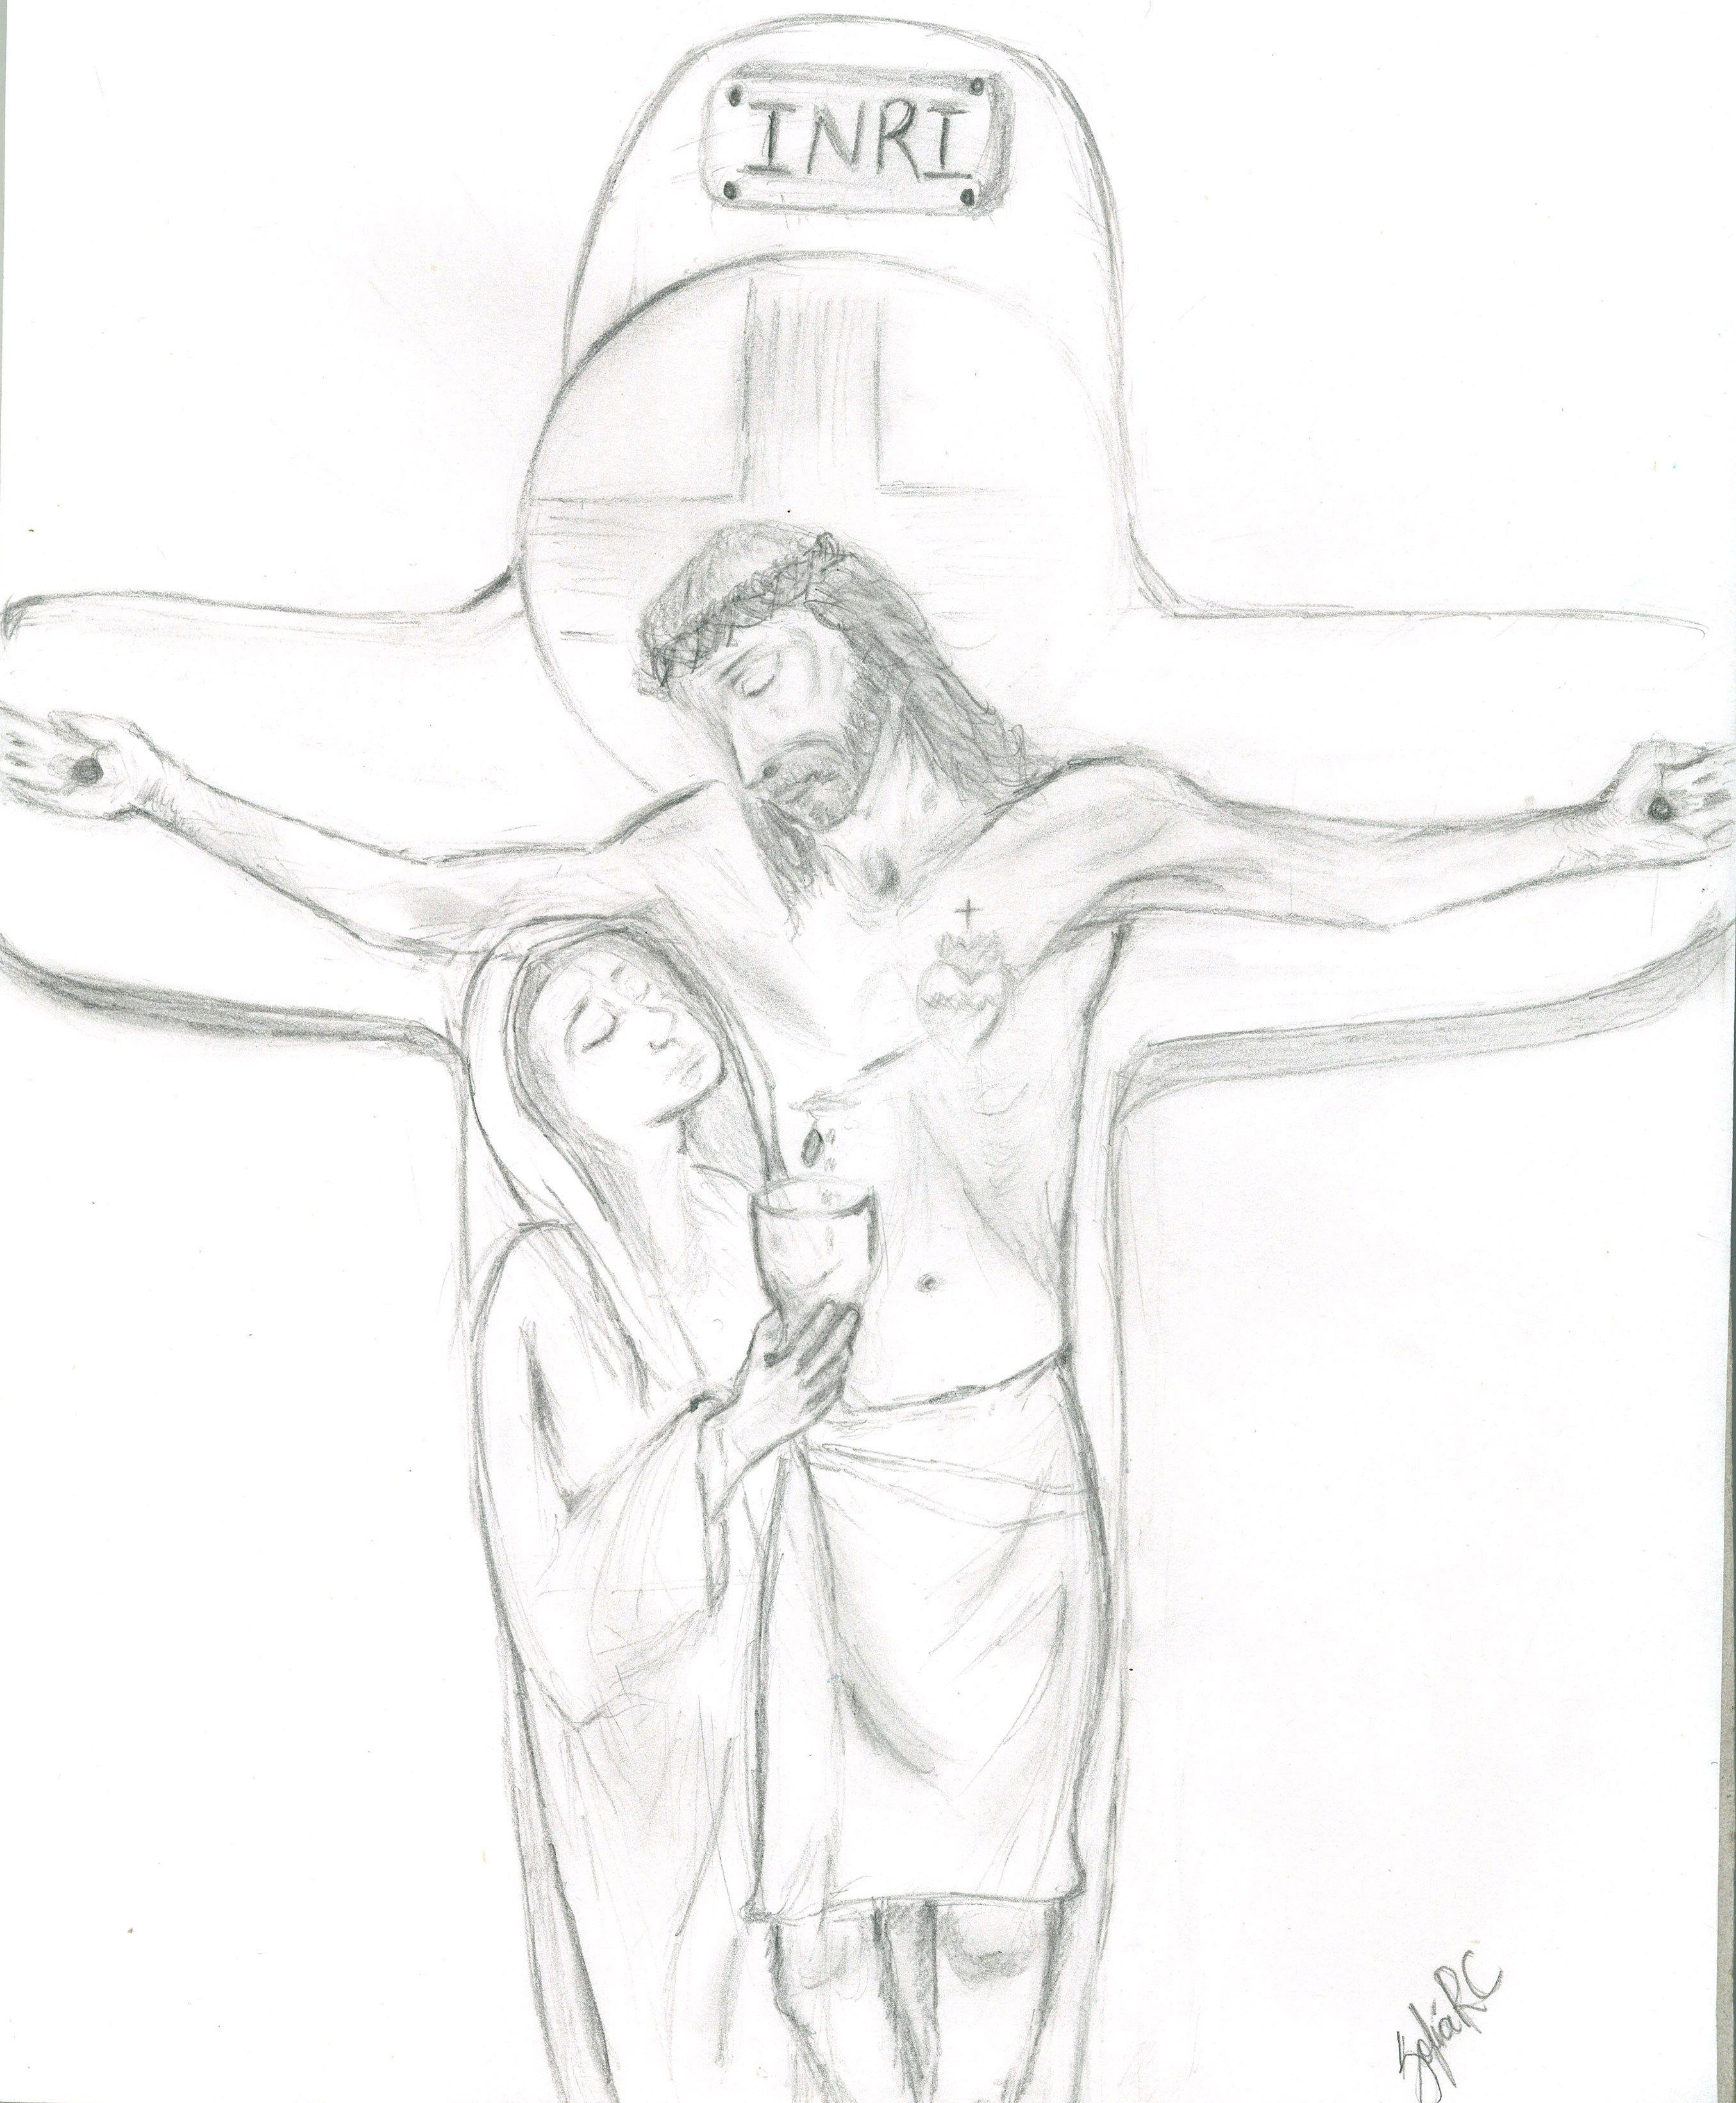 Mi espiritualidad en imagen: Cristo Rey, la Cruz, el Sagrado Corazon, Maria a los pies de Jesus, recibiendo la Sangre Preciosa de Cristo como intercesora de las almas...